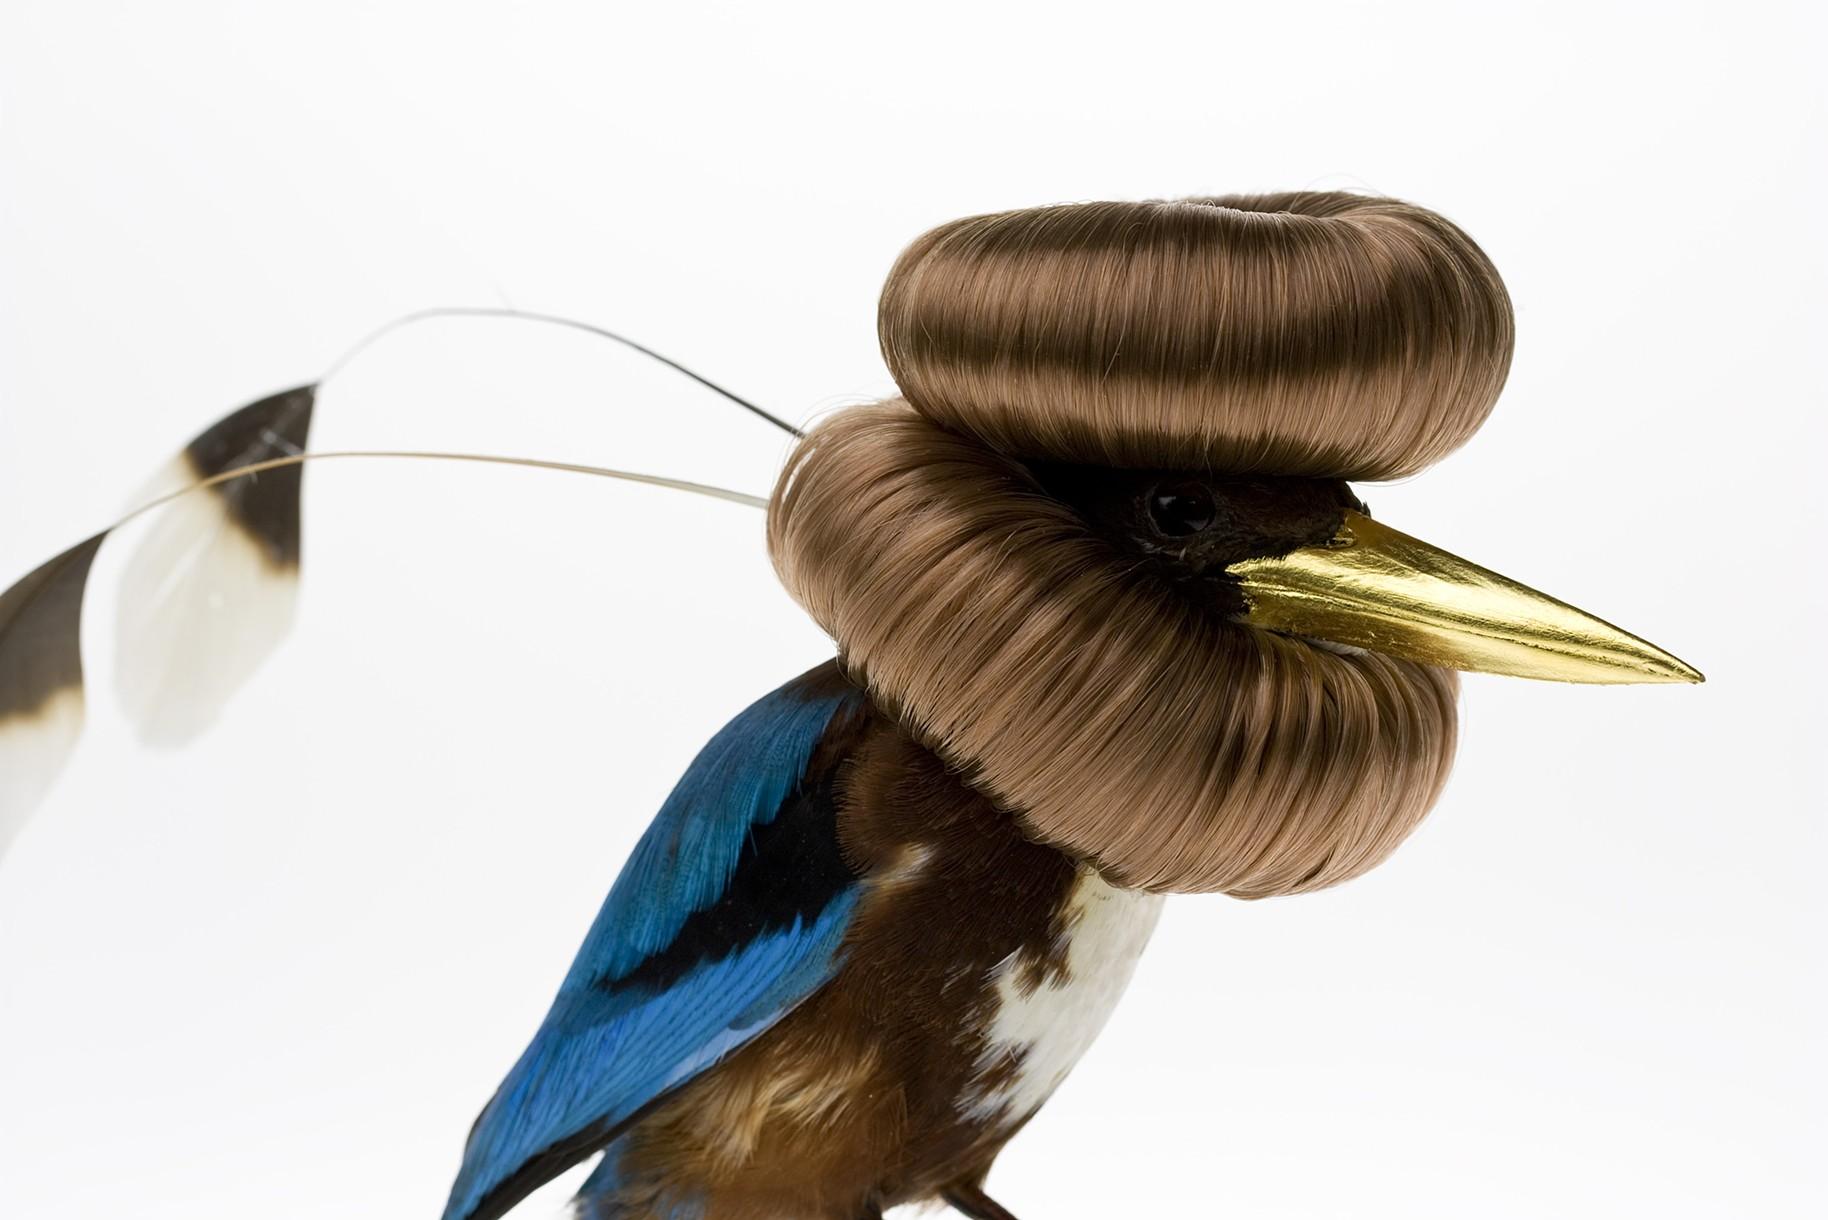 Des oiseaux augment s for Photo oiseau